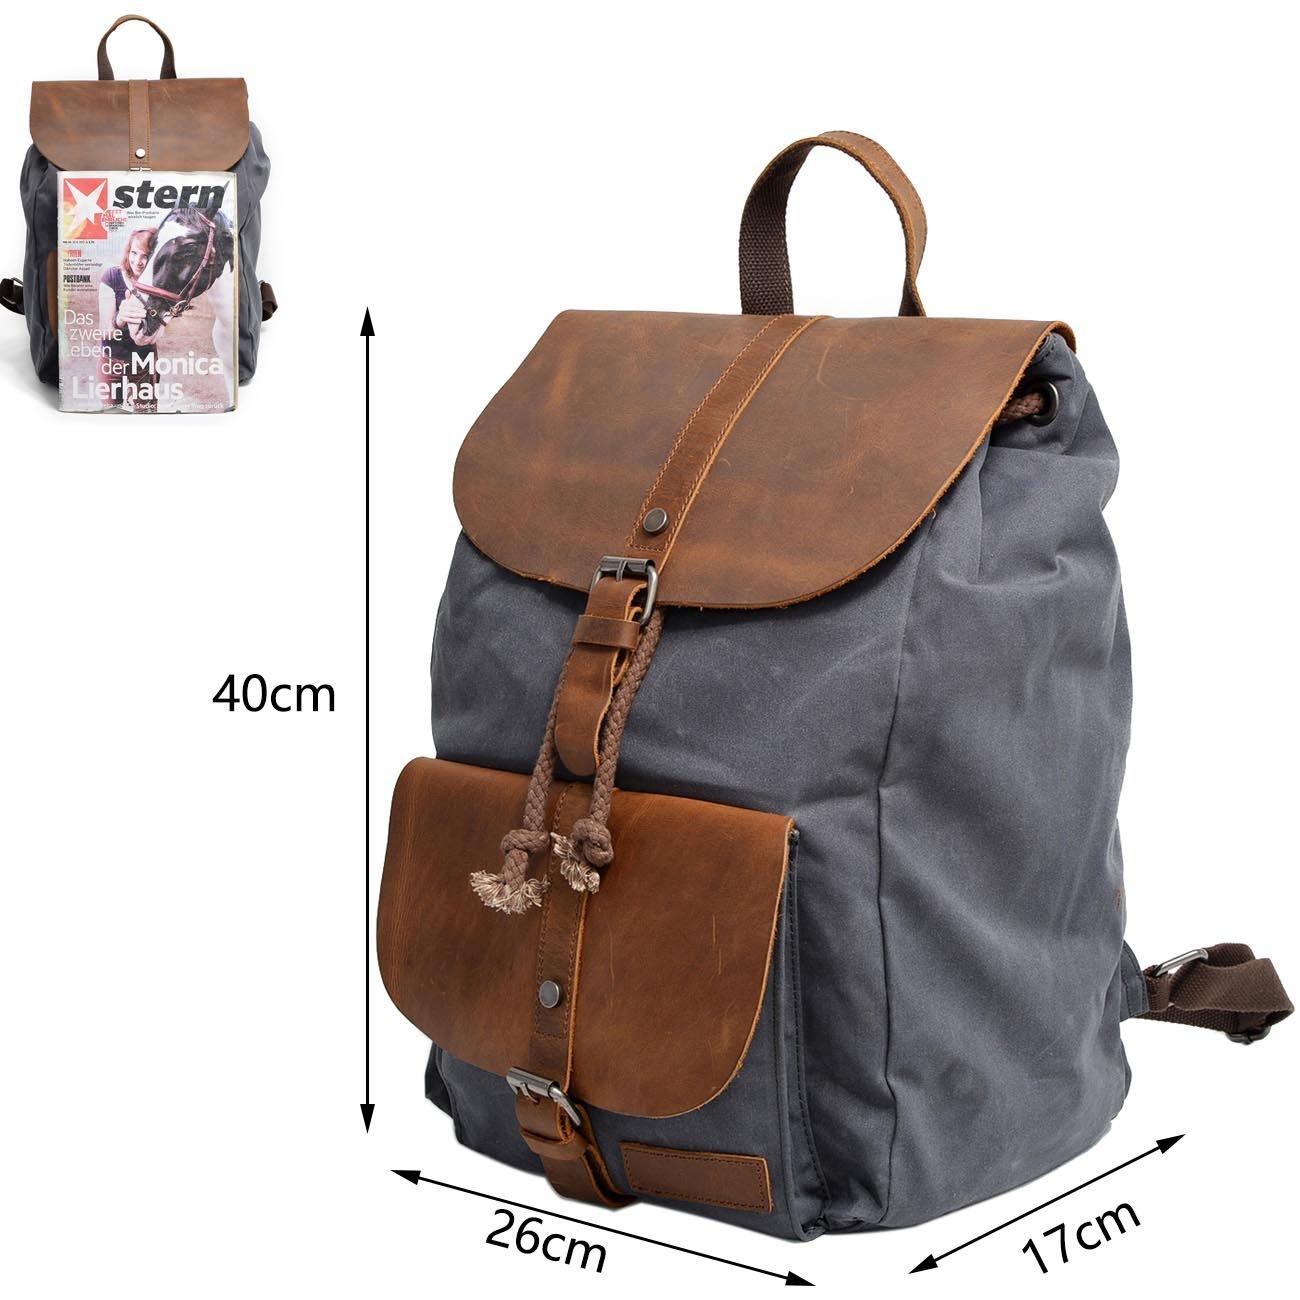 ccaa72a1d301a Neuleben Vintage Wasserdicht Rucksack Daypack aus Canvas Leder Damen Herren  für Reise Outdoor Schule (Braun)  Amazon.de  Koffer